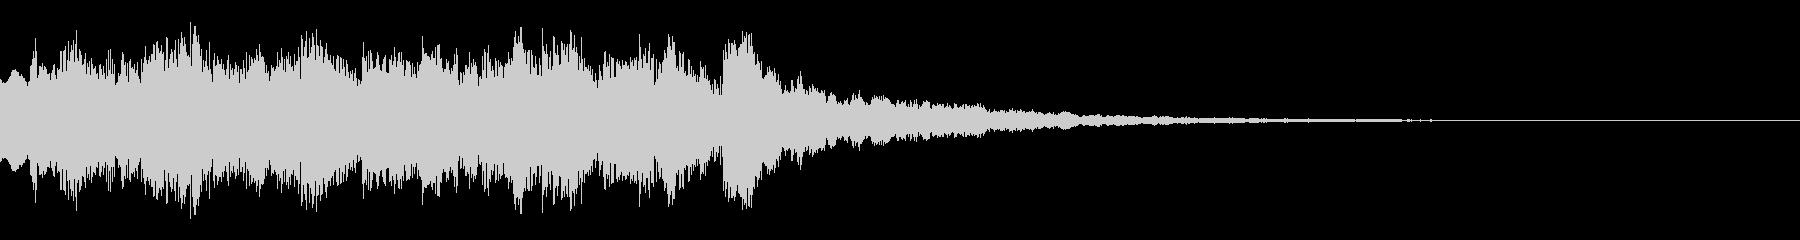 軽快なサウンドロゴの未再生の波形